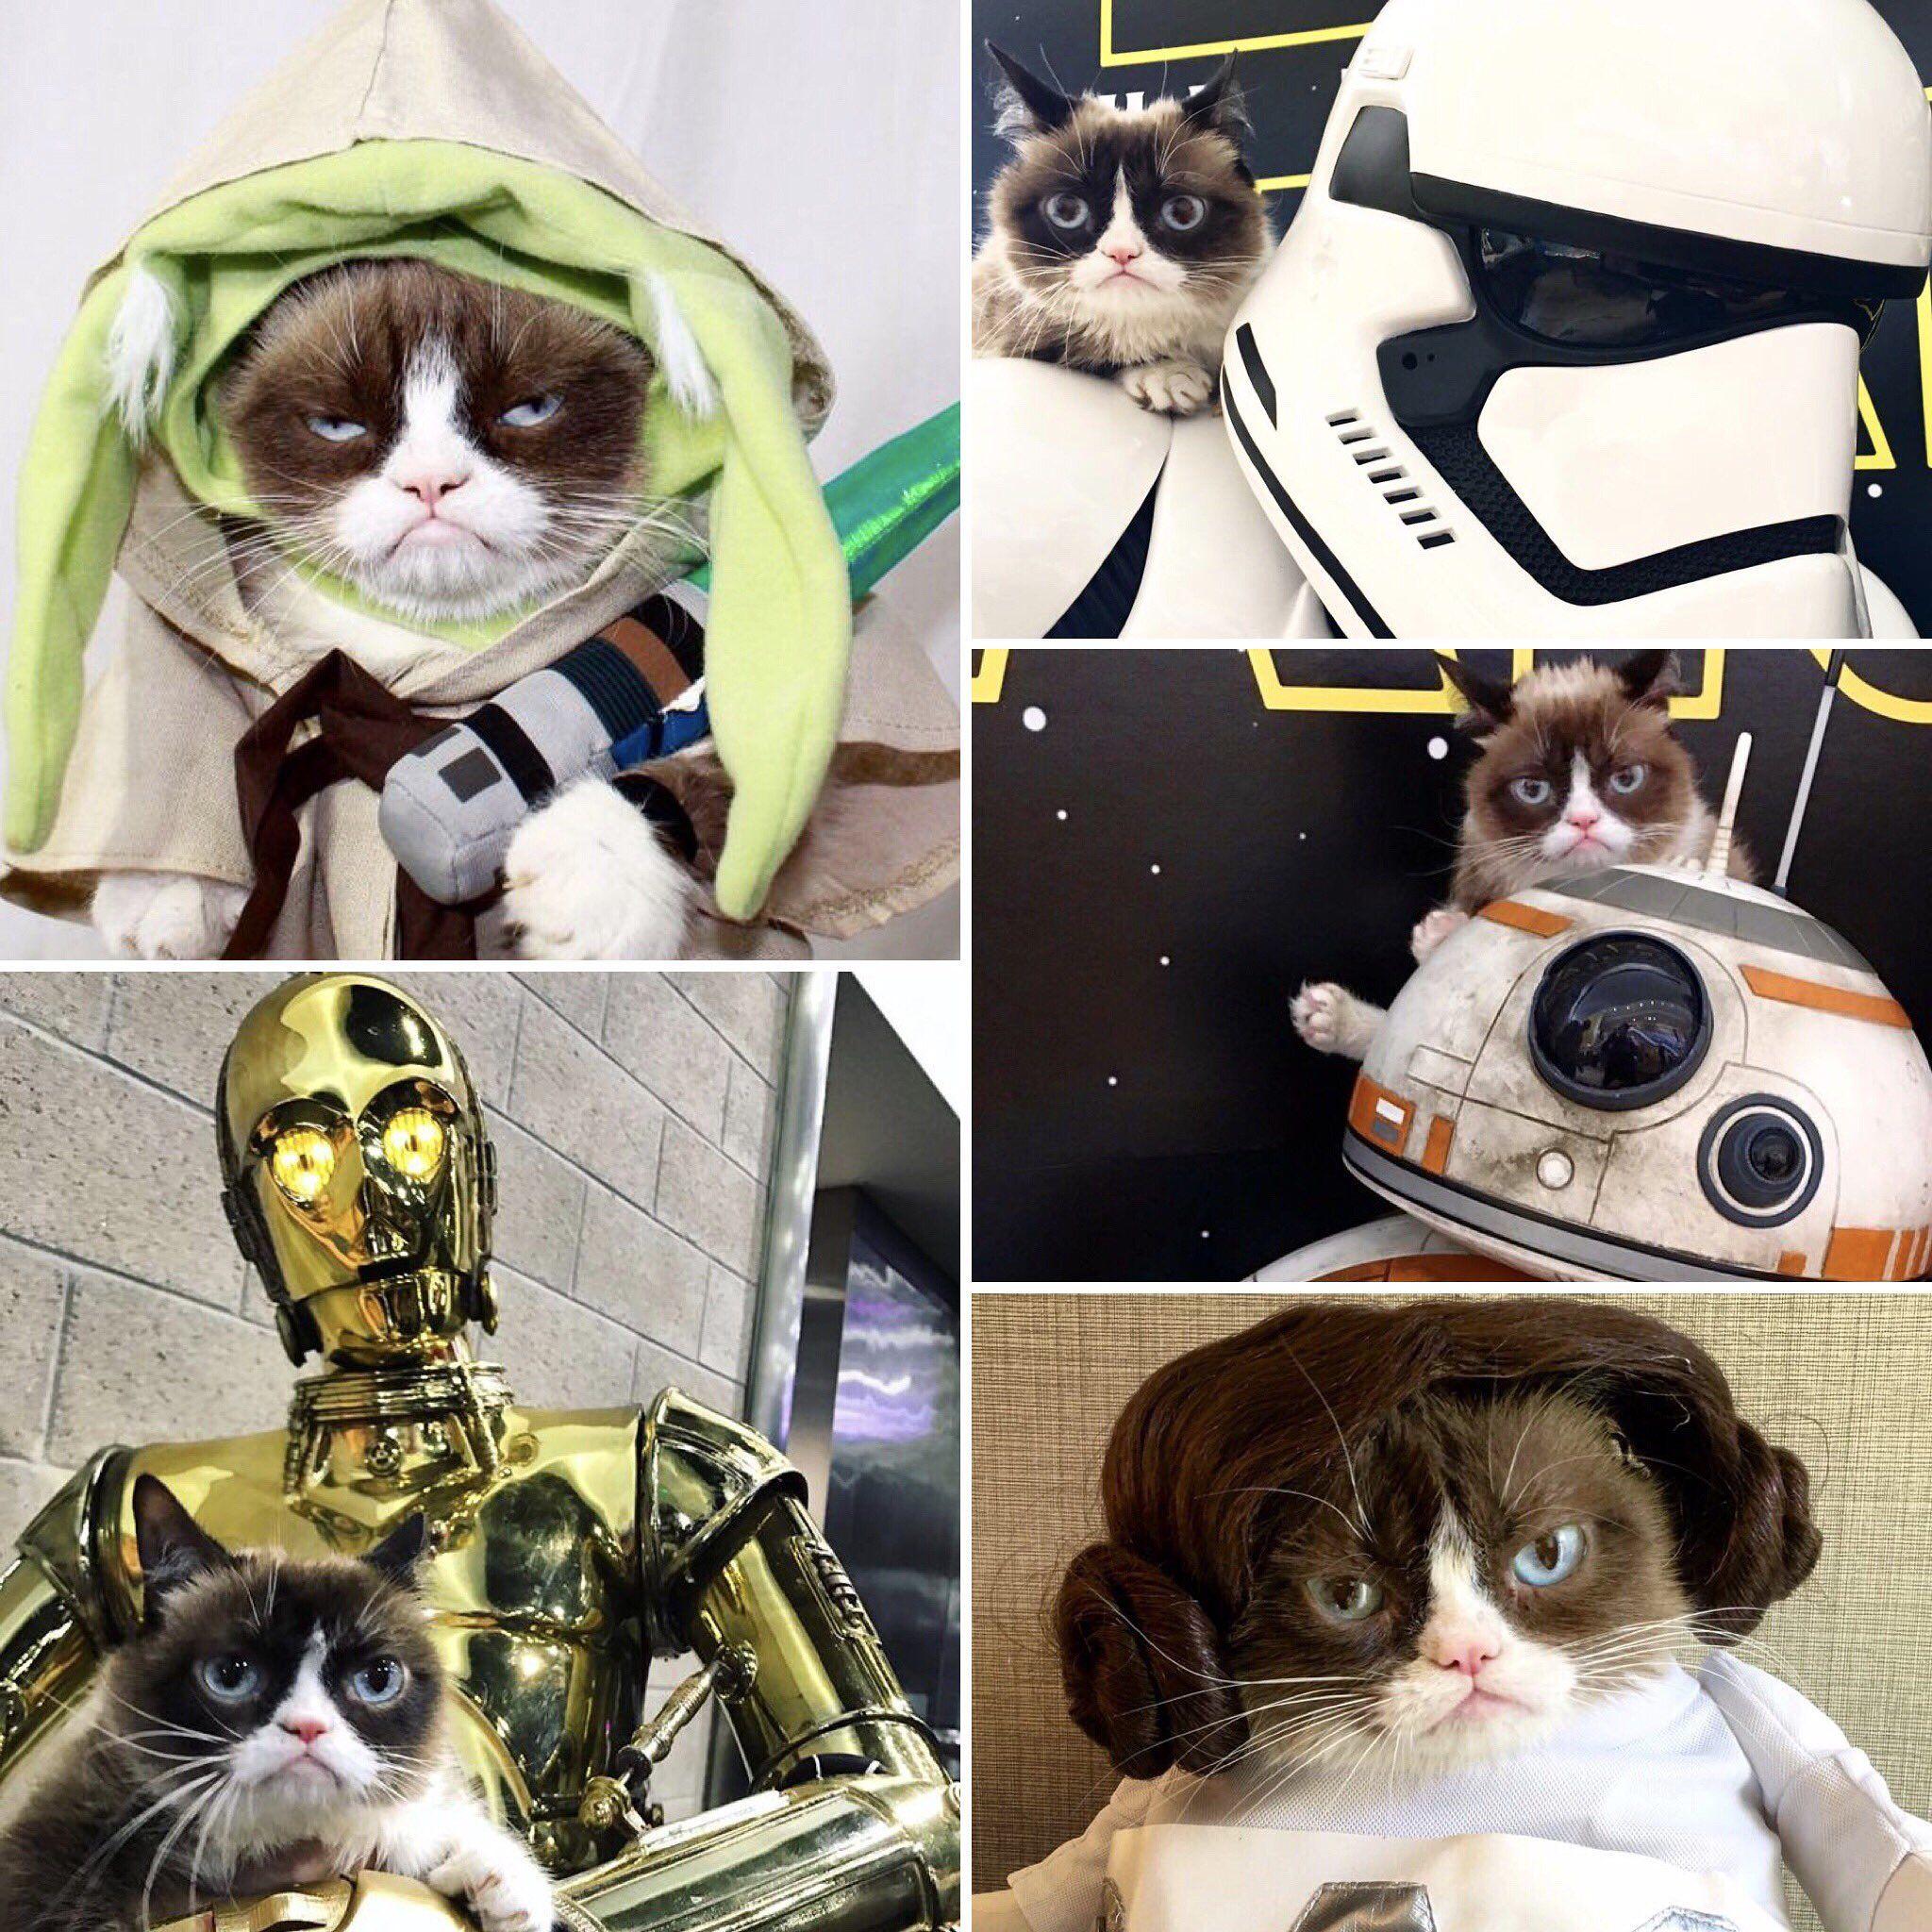 Grumpy Cat Realgrumpycat Twitter Grumpy Cat Grumpy Cat Meme Cats